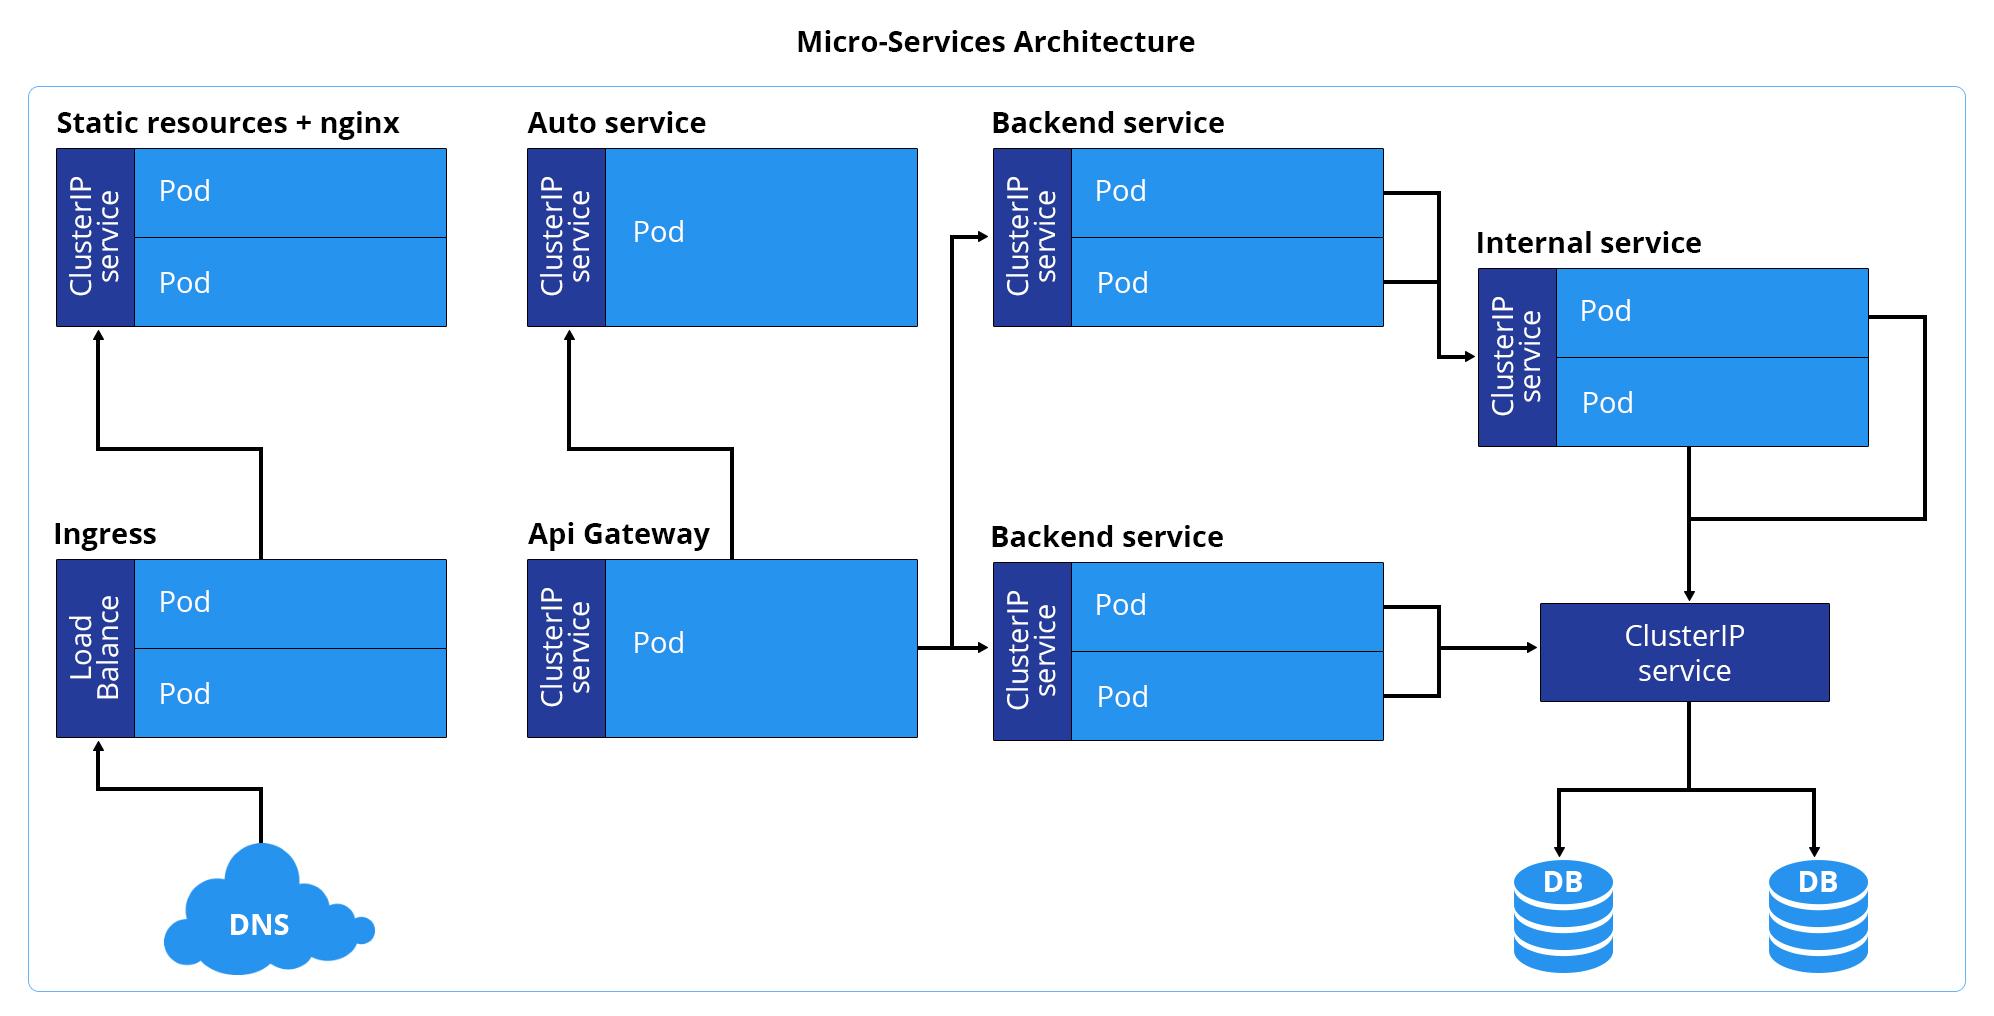 Micro-Services Architecture